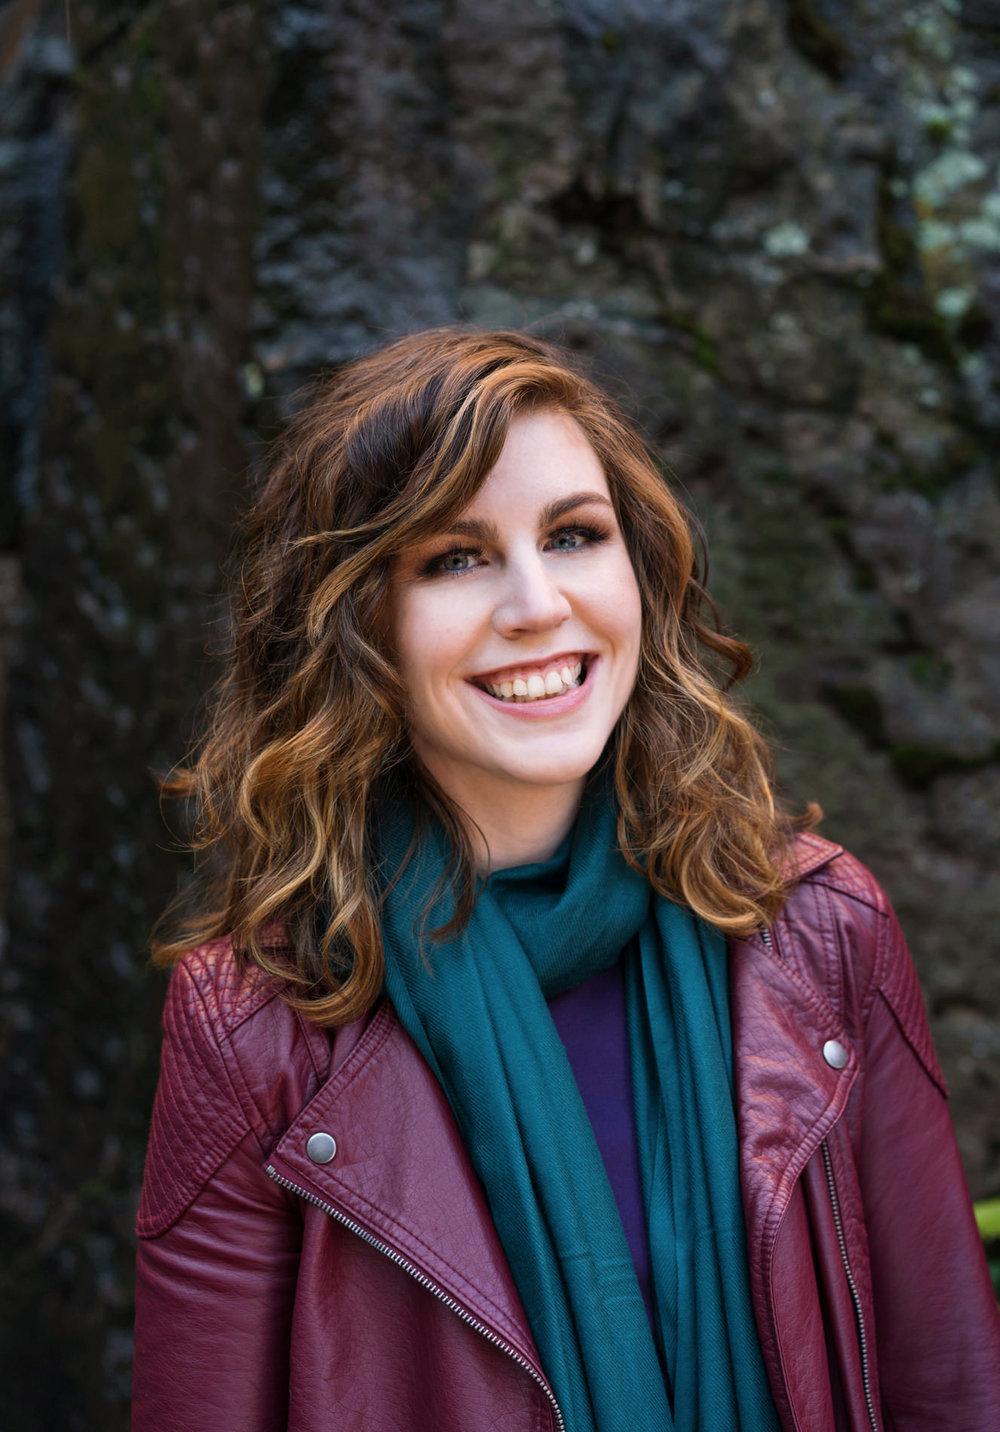 HaleyMcLain-MeganPersonalBranding-2.jpg